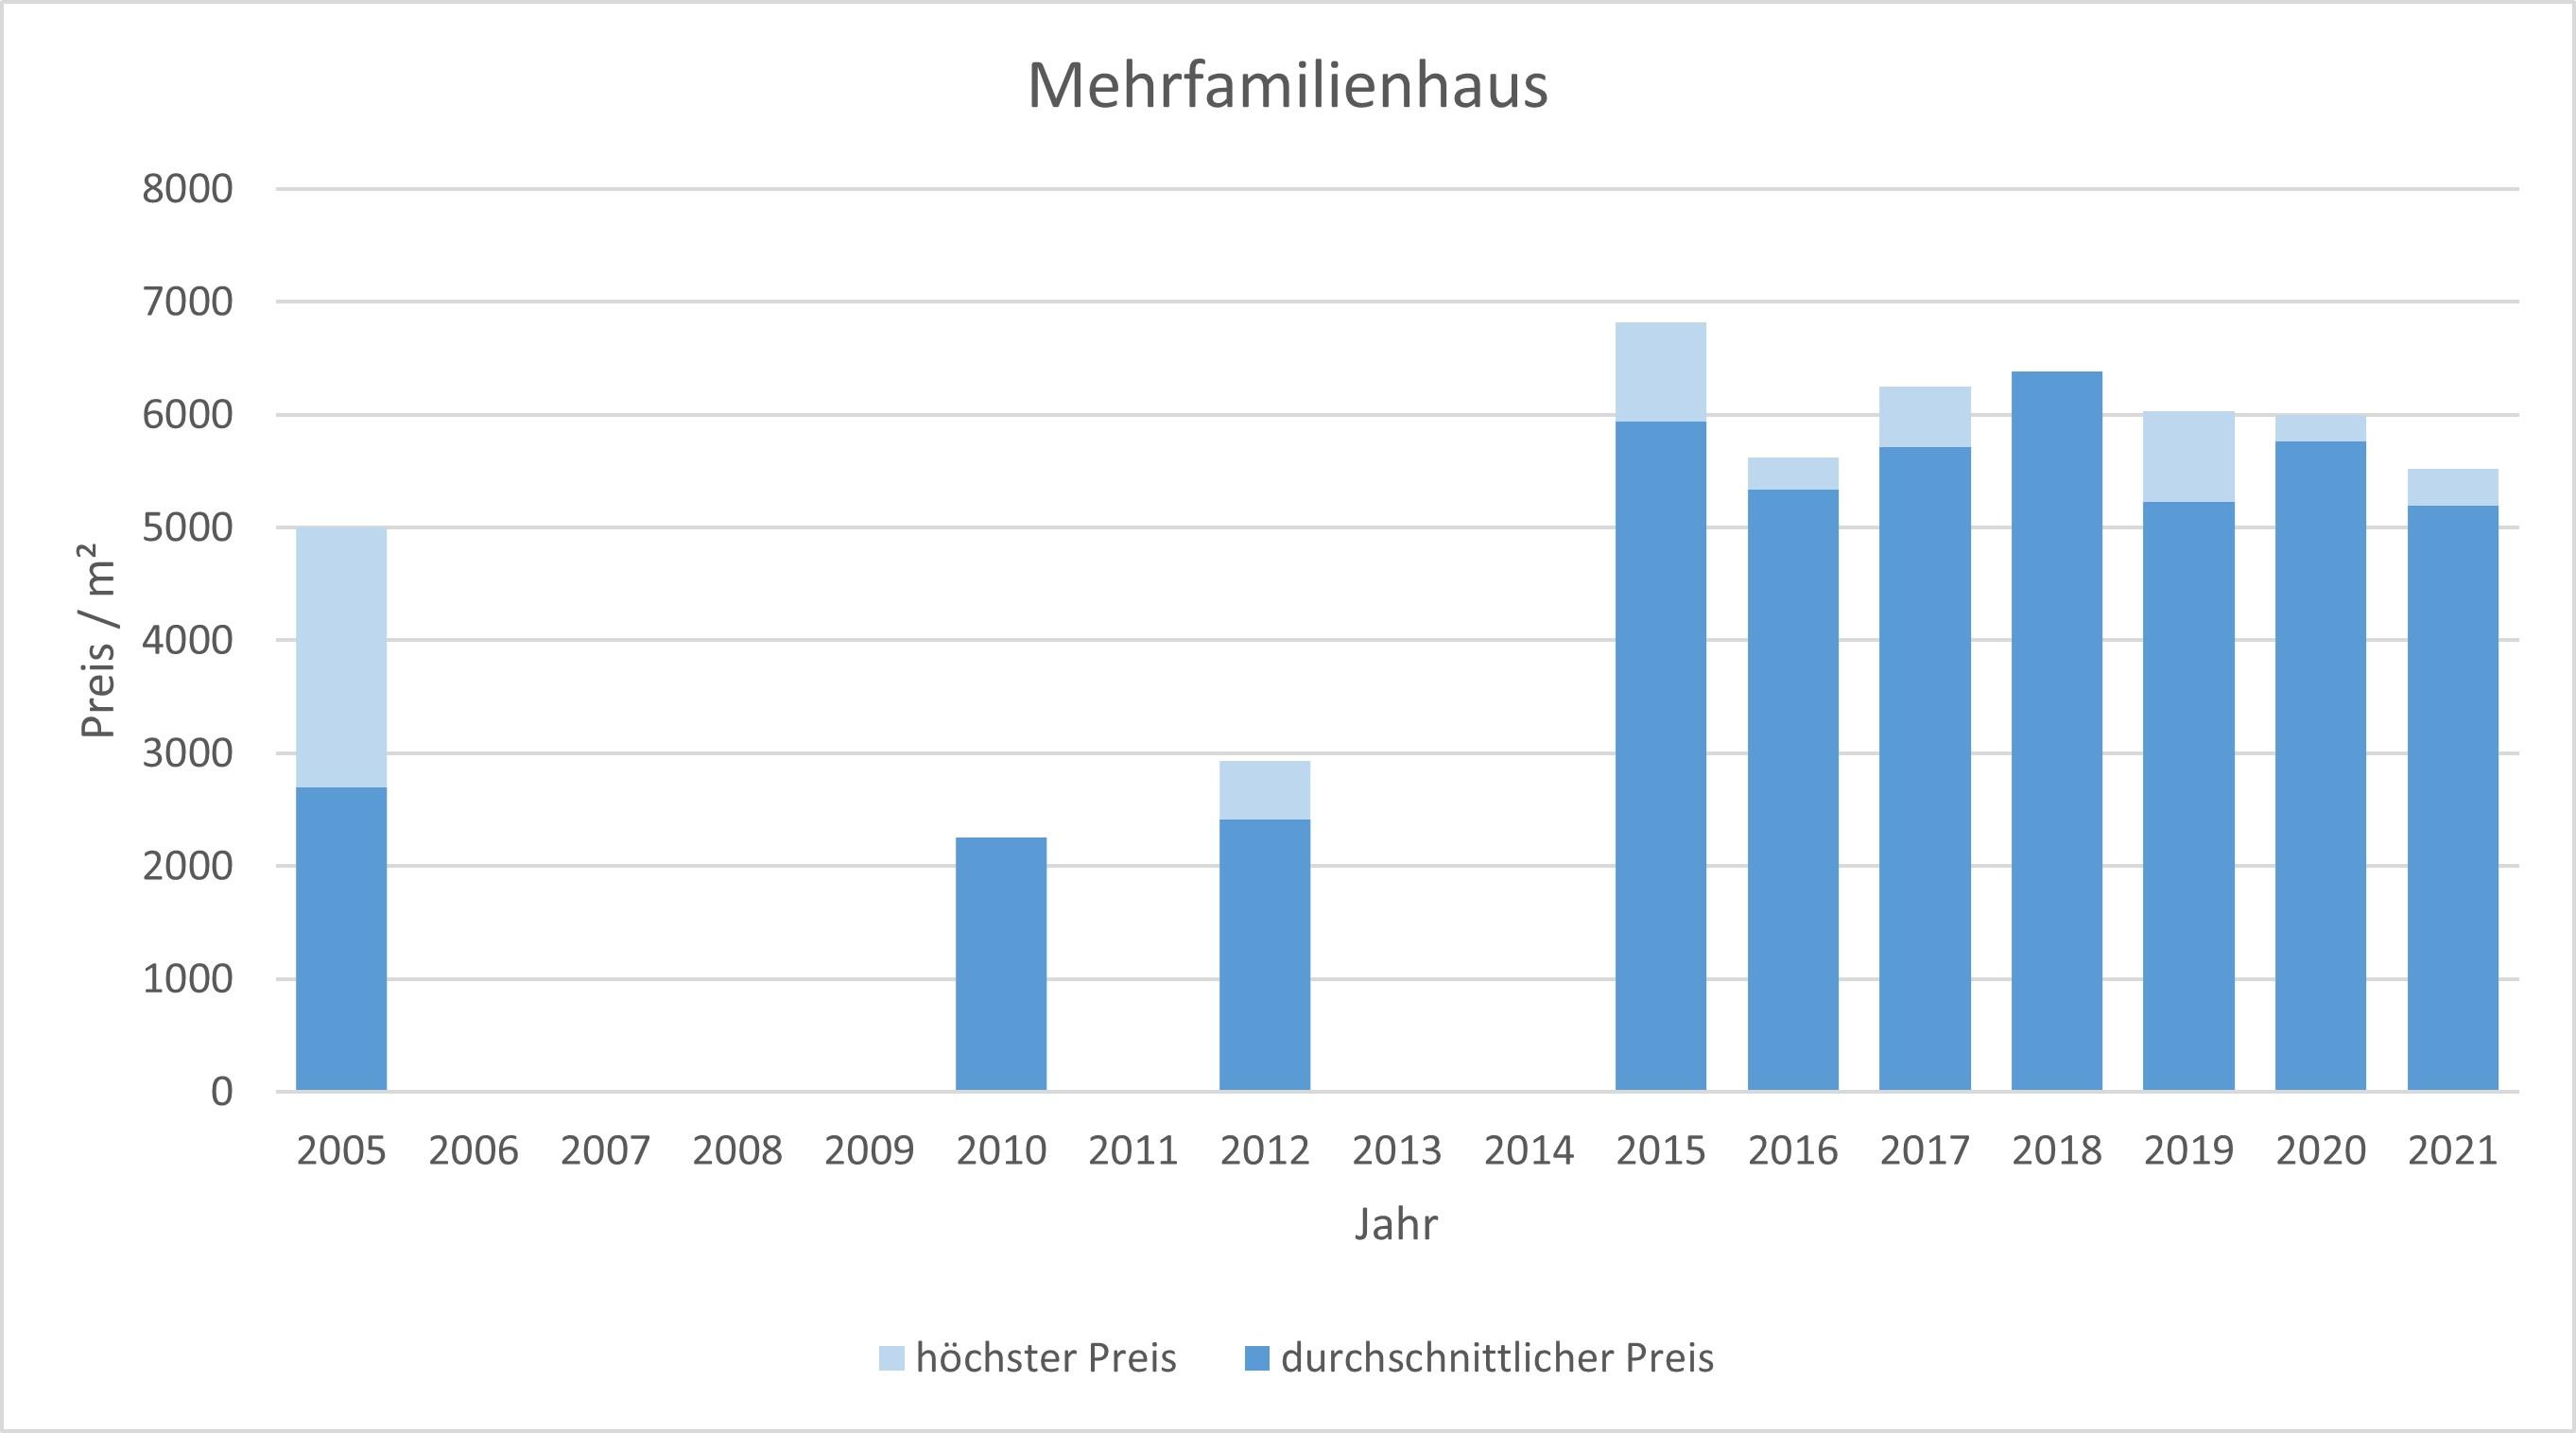 Otterfing Mehrfamilienhaus kaufen verkaufen Preis Bewertung Makler www.happy-immo.de 2019 2020 2021